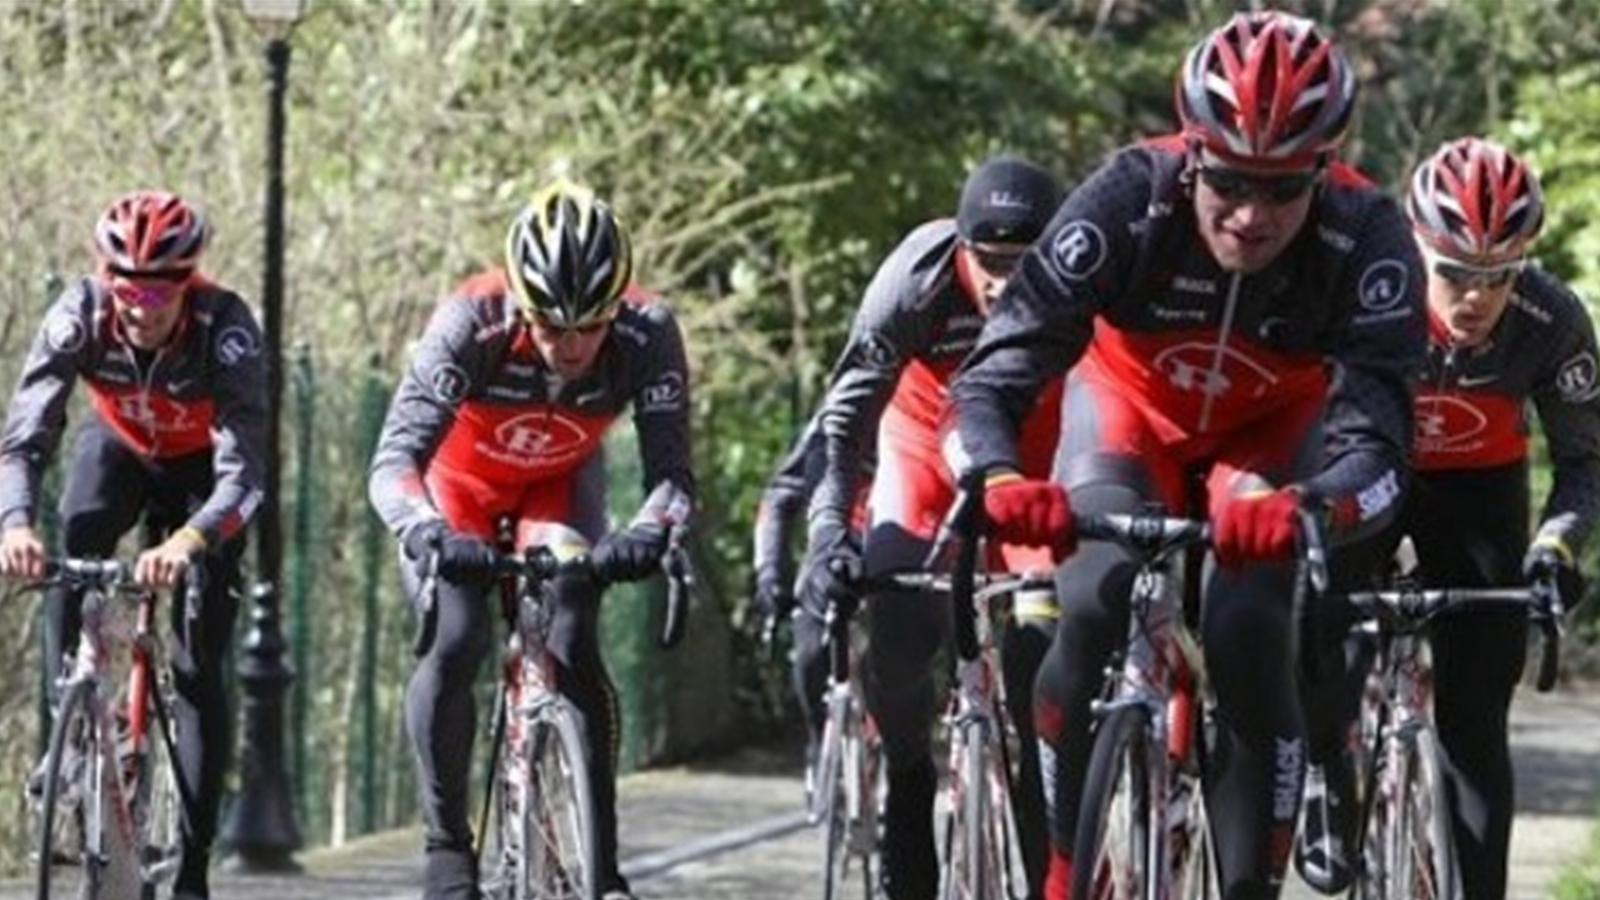 La liste des engag s tour des flandres 2010 cyclisme eurosport - Liste des magasins promenade des flandres ...